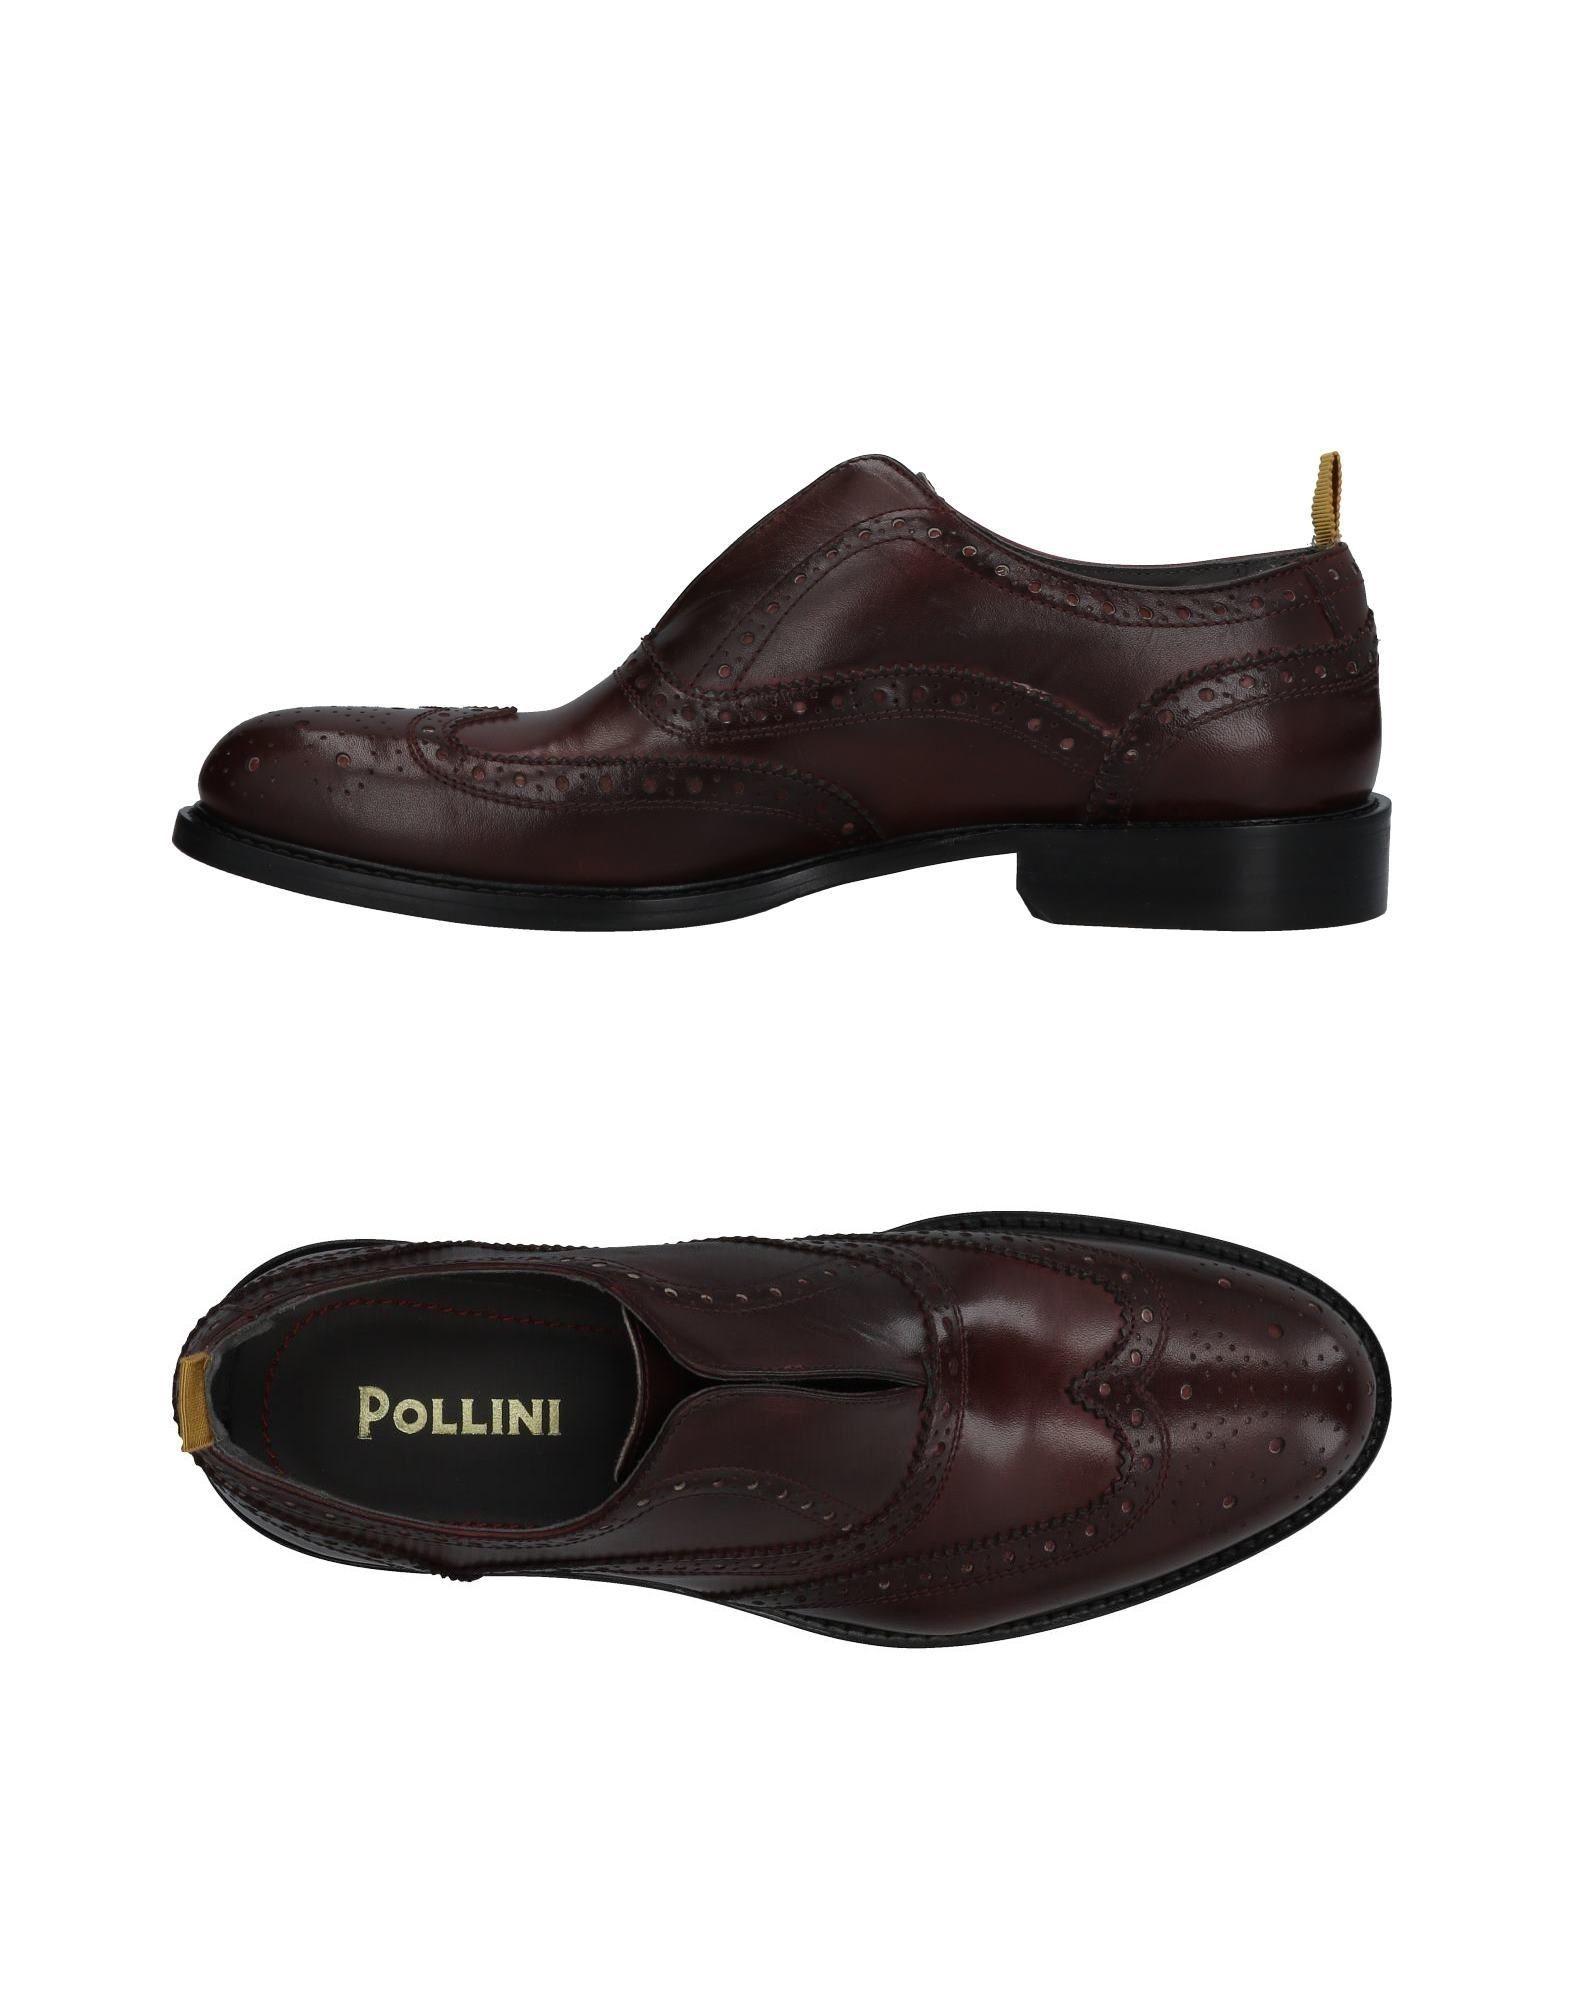 Pollini Mokassins Mokassins Pollini Herren  11447350GO f1ff5a